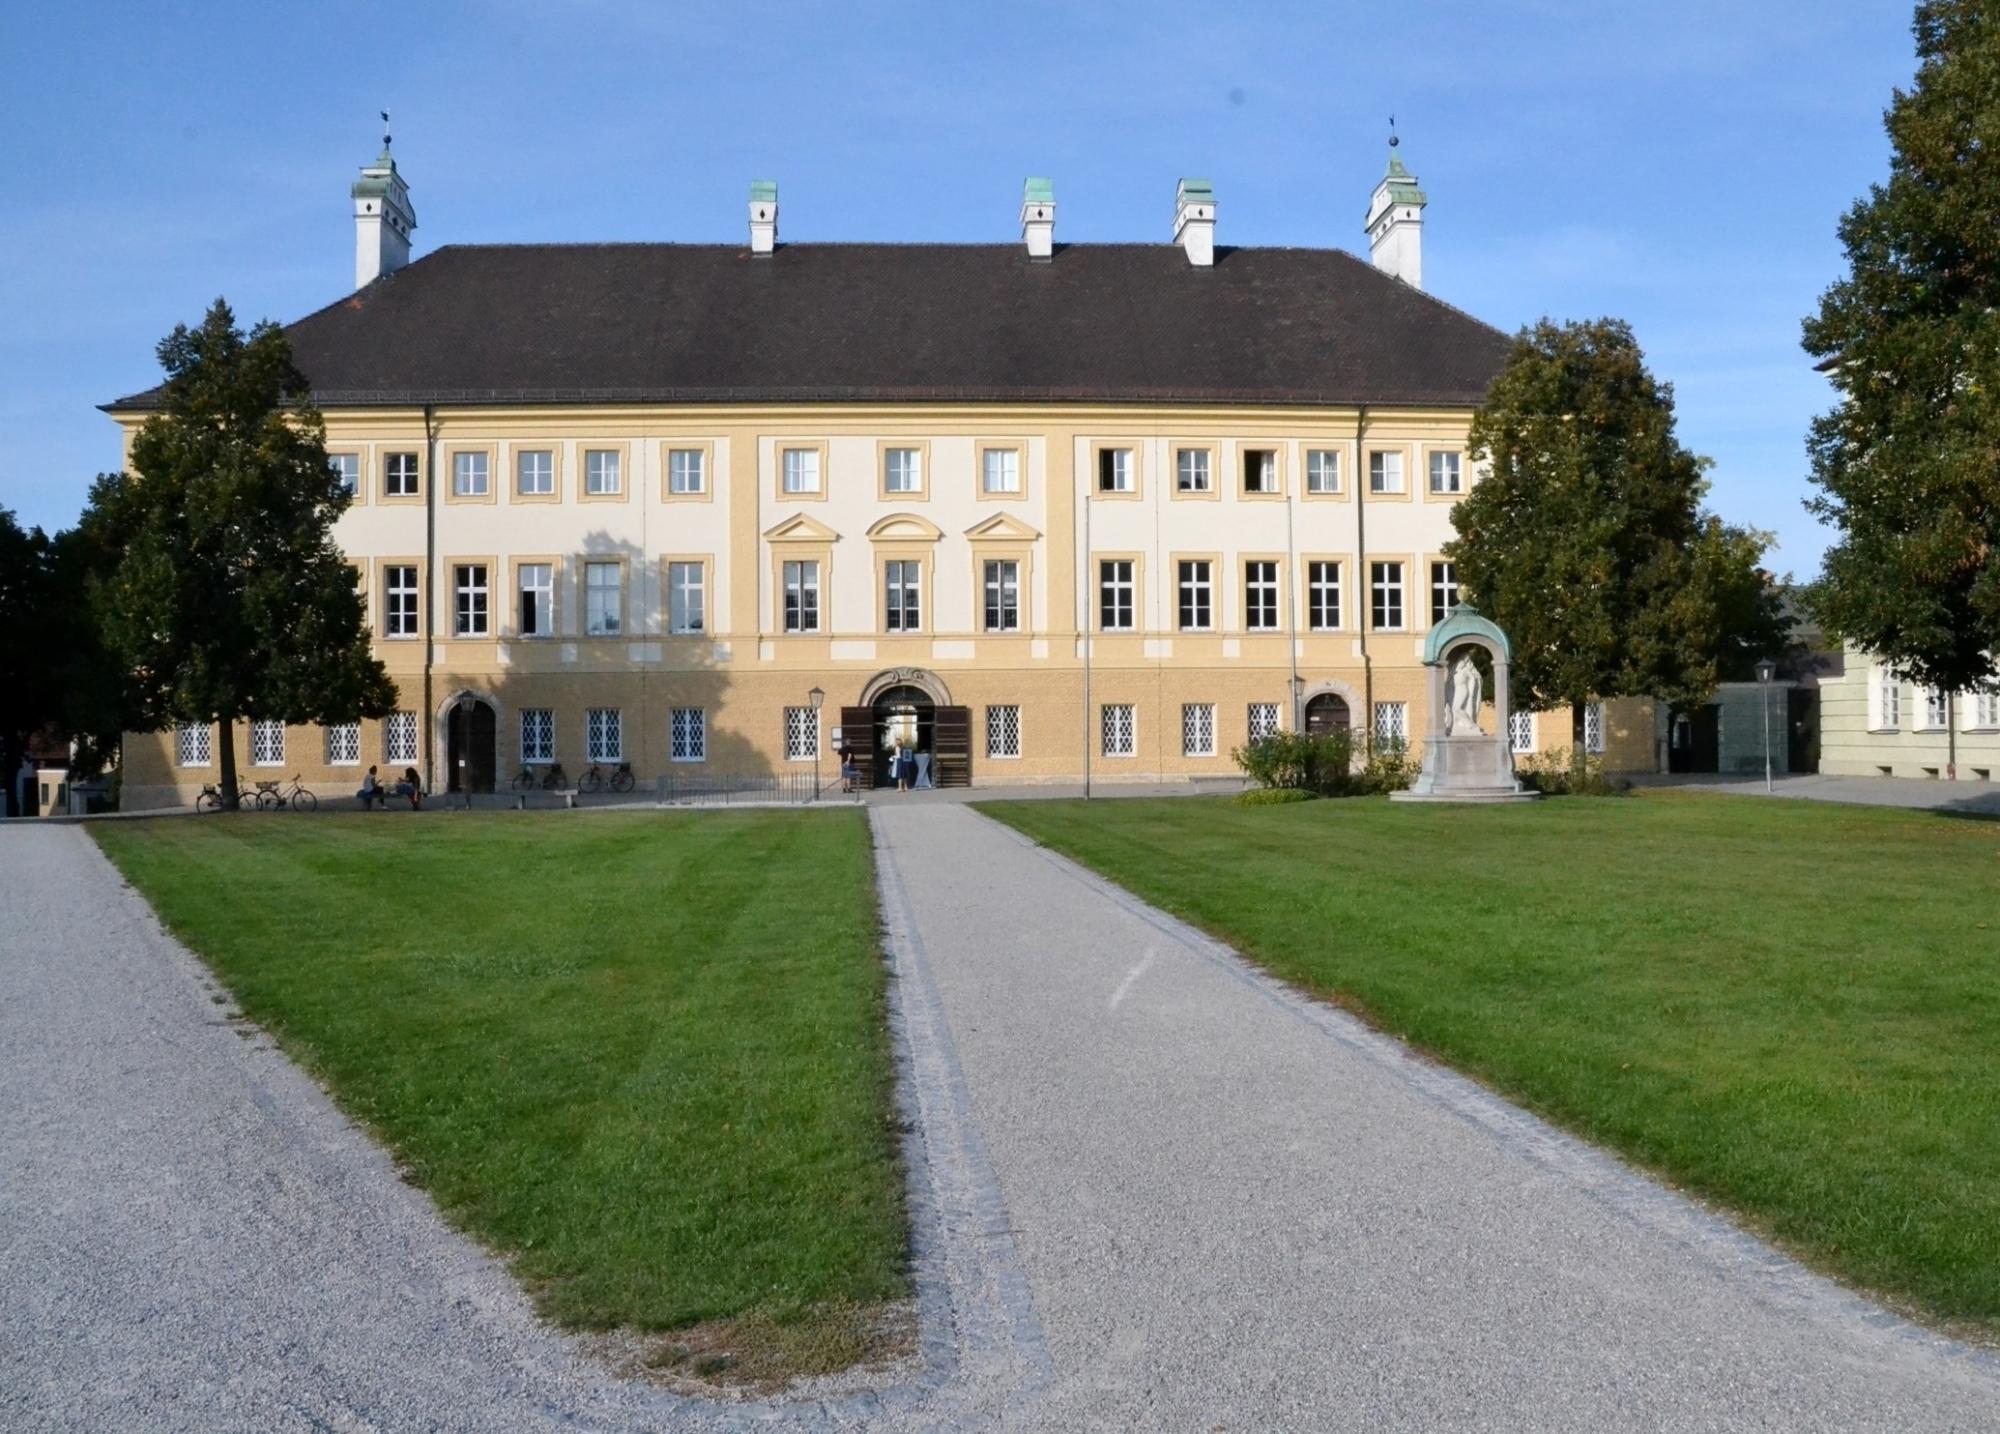 Haus Papst Benedikt XVI Neue Schatzkammer und Pfarrbüro22 09 2020